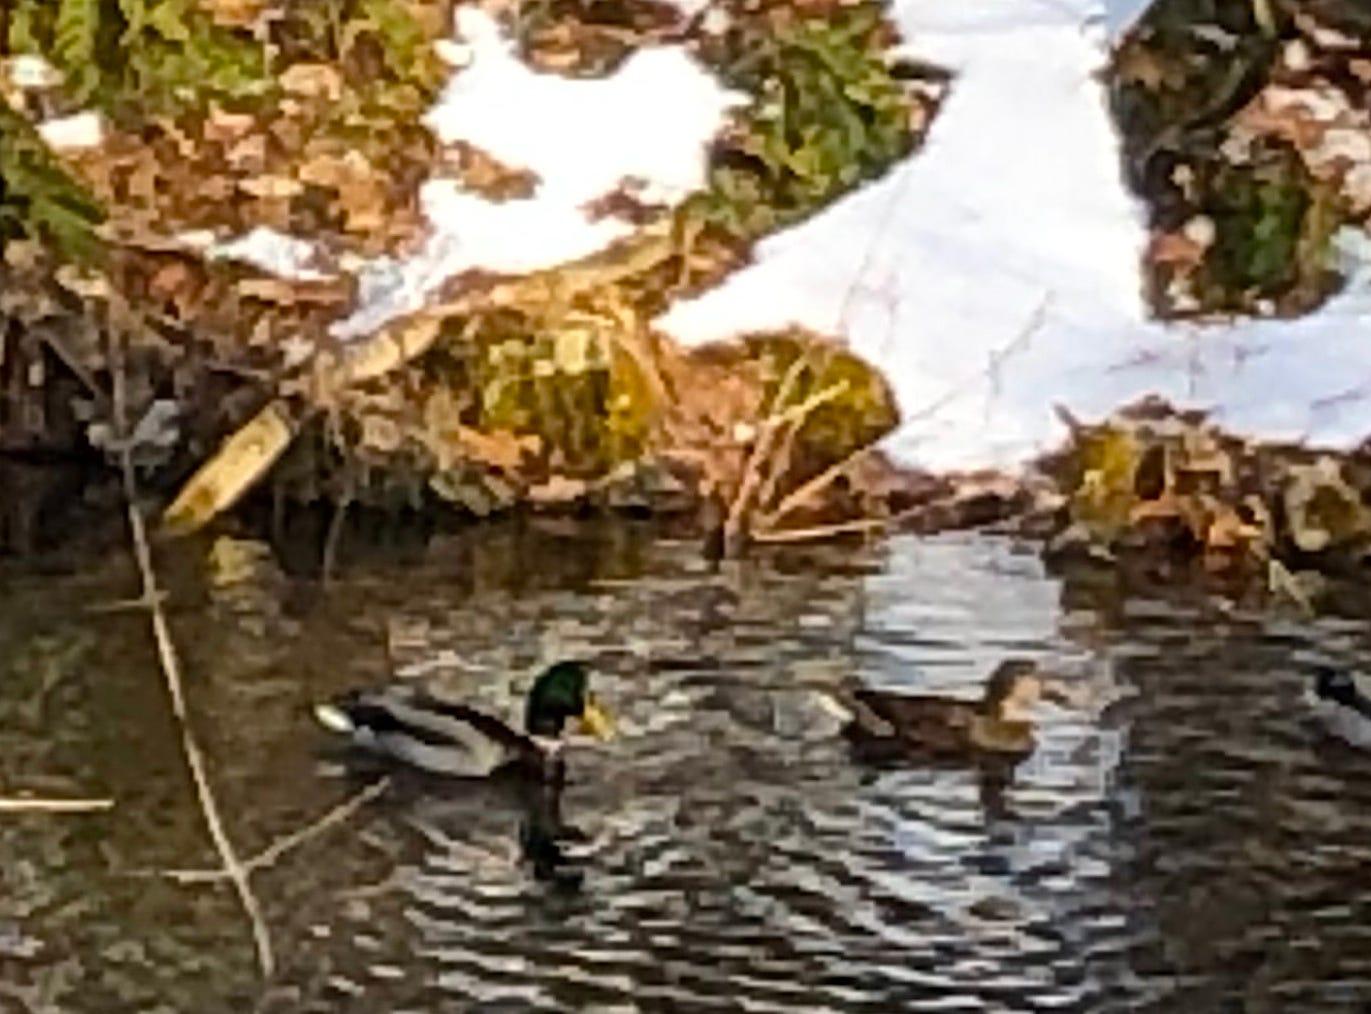 Ducks in Chenango Forks.